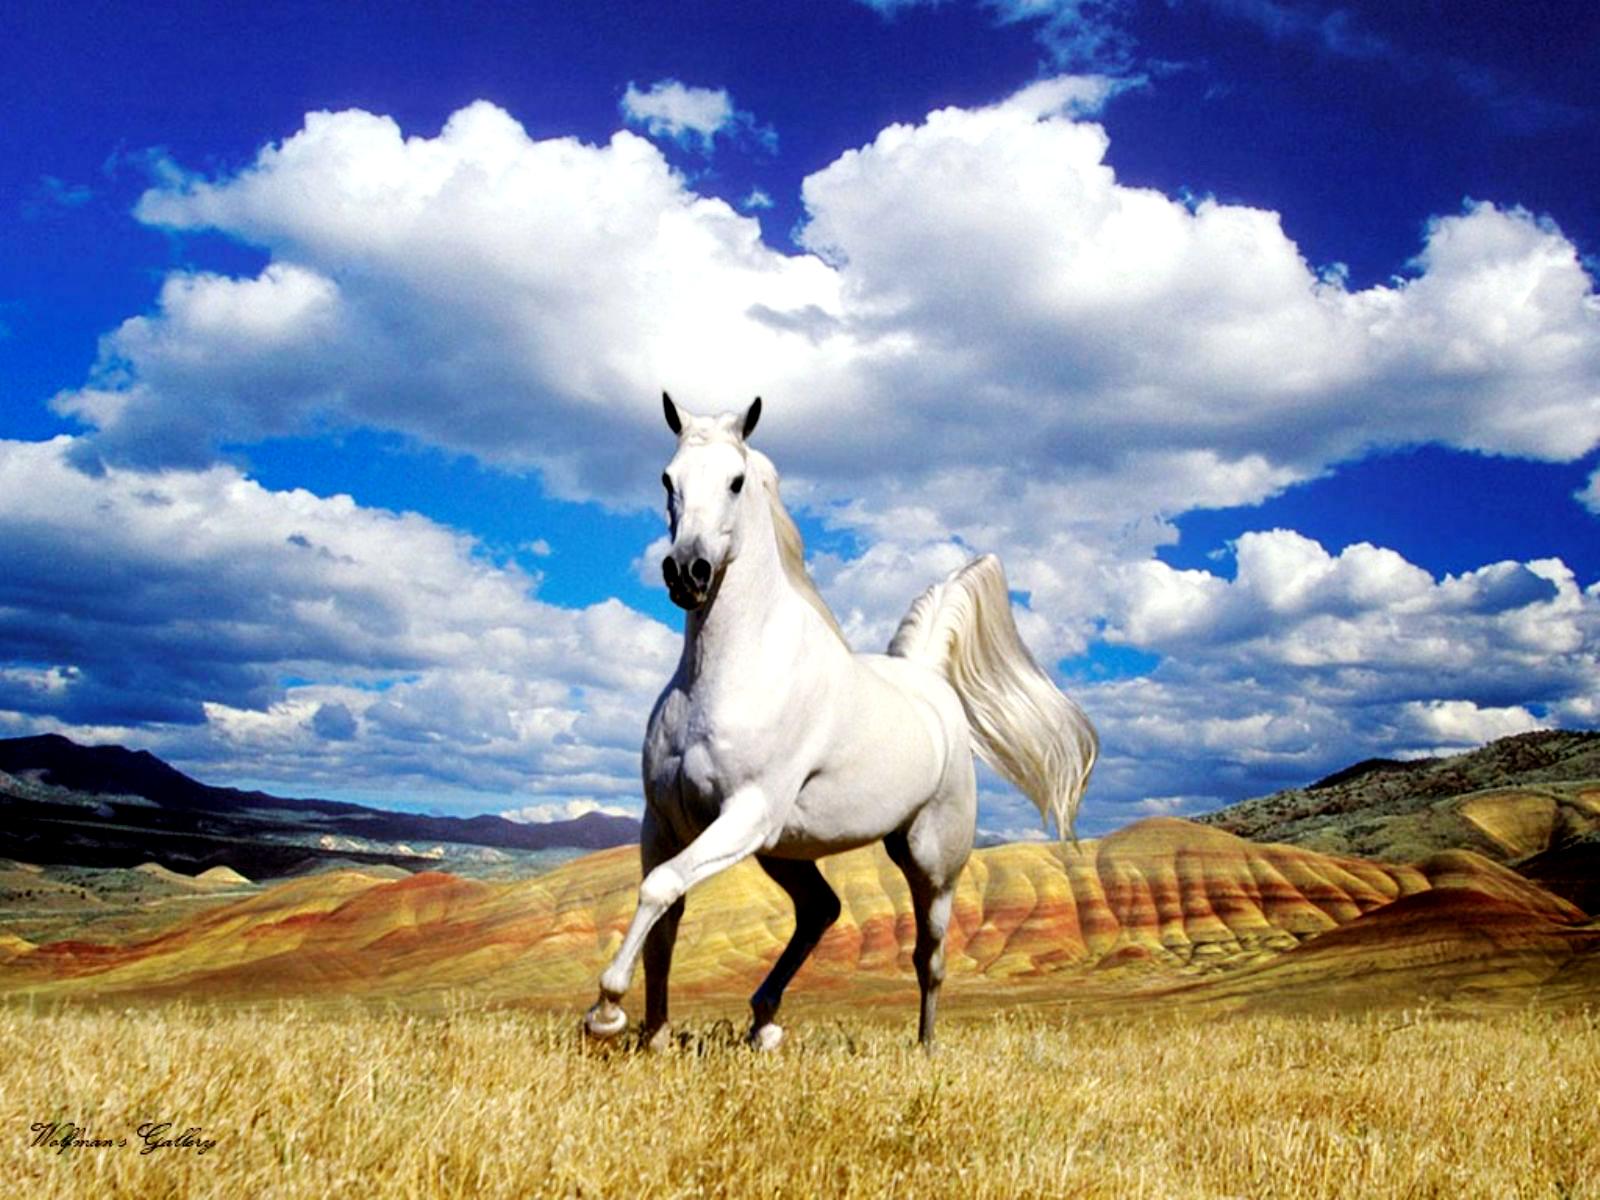 Stunning Horse Wallpaper